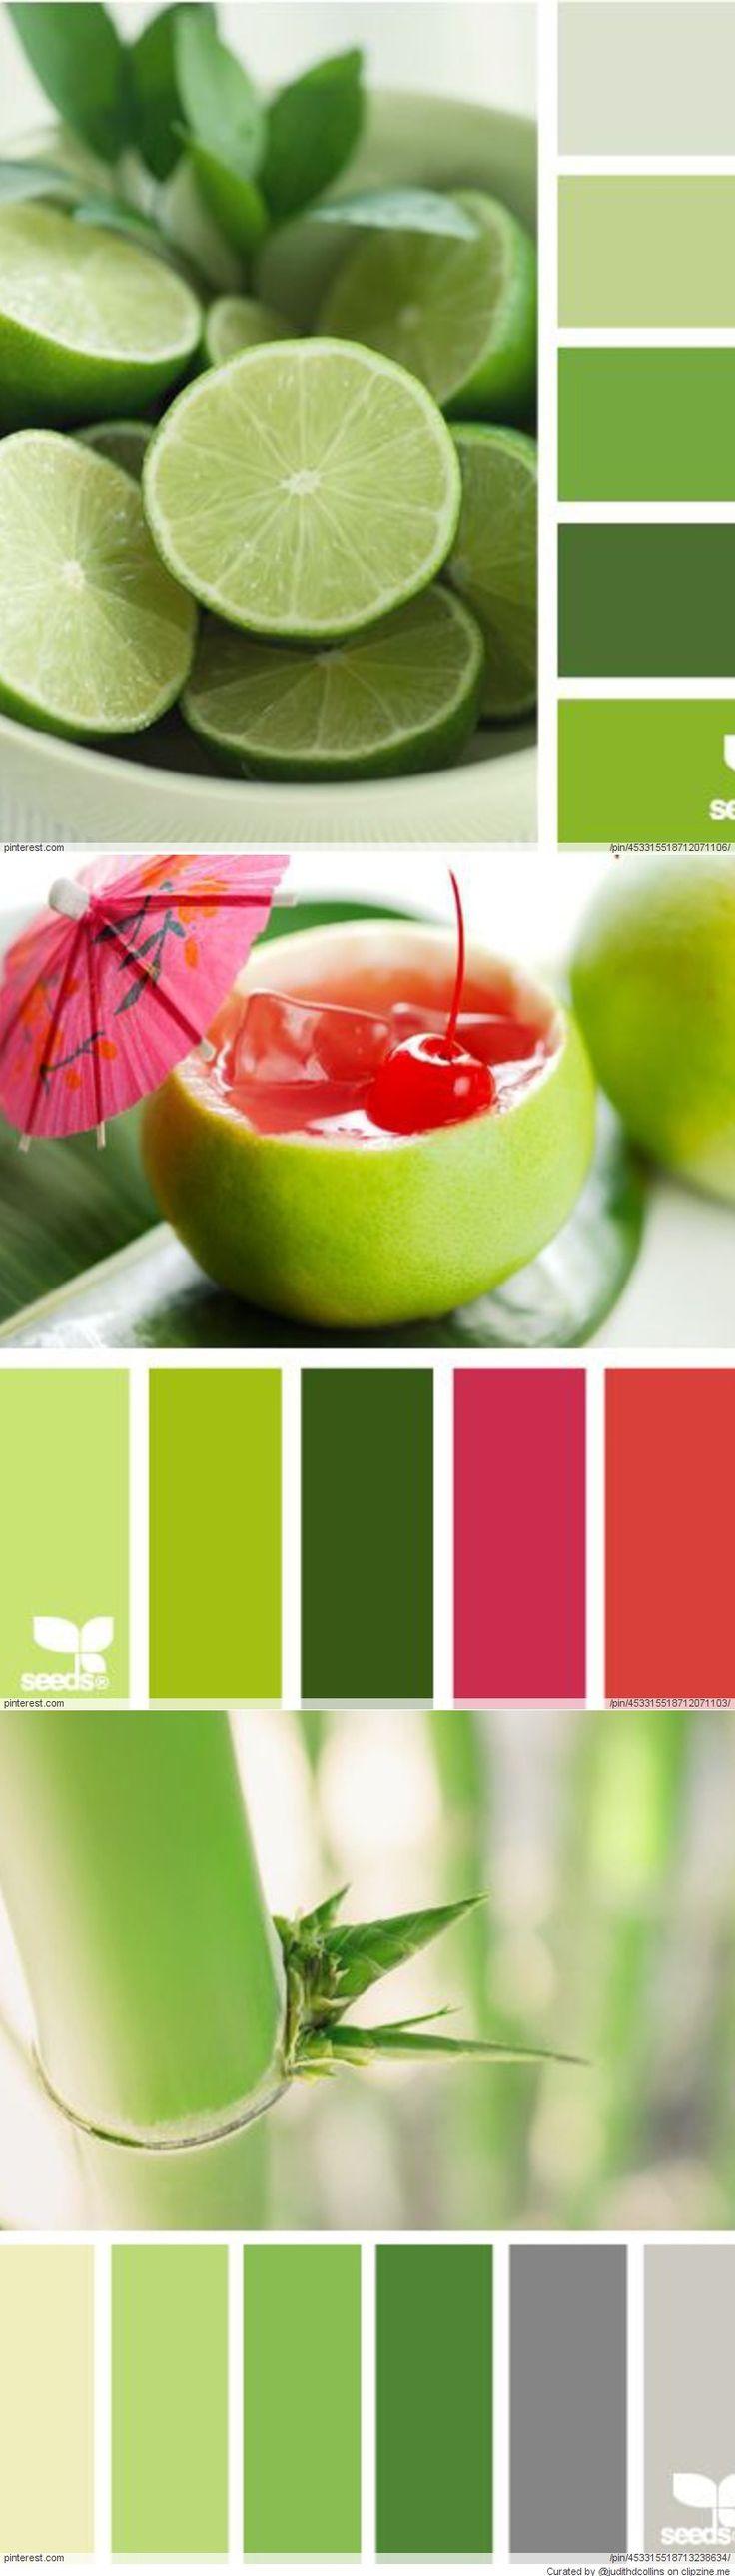 112 best color images on Pinterest | Braces color wheel, Color ...